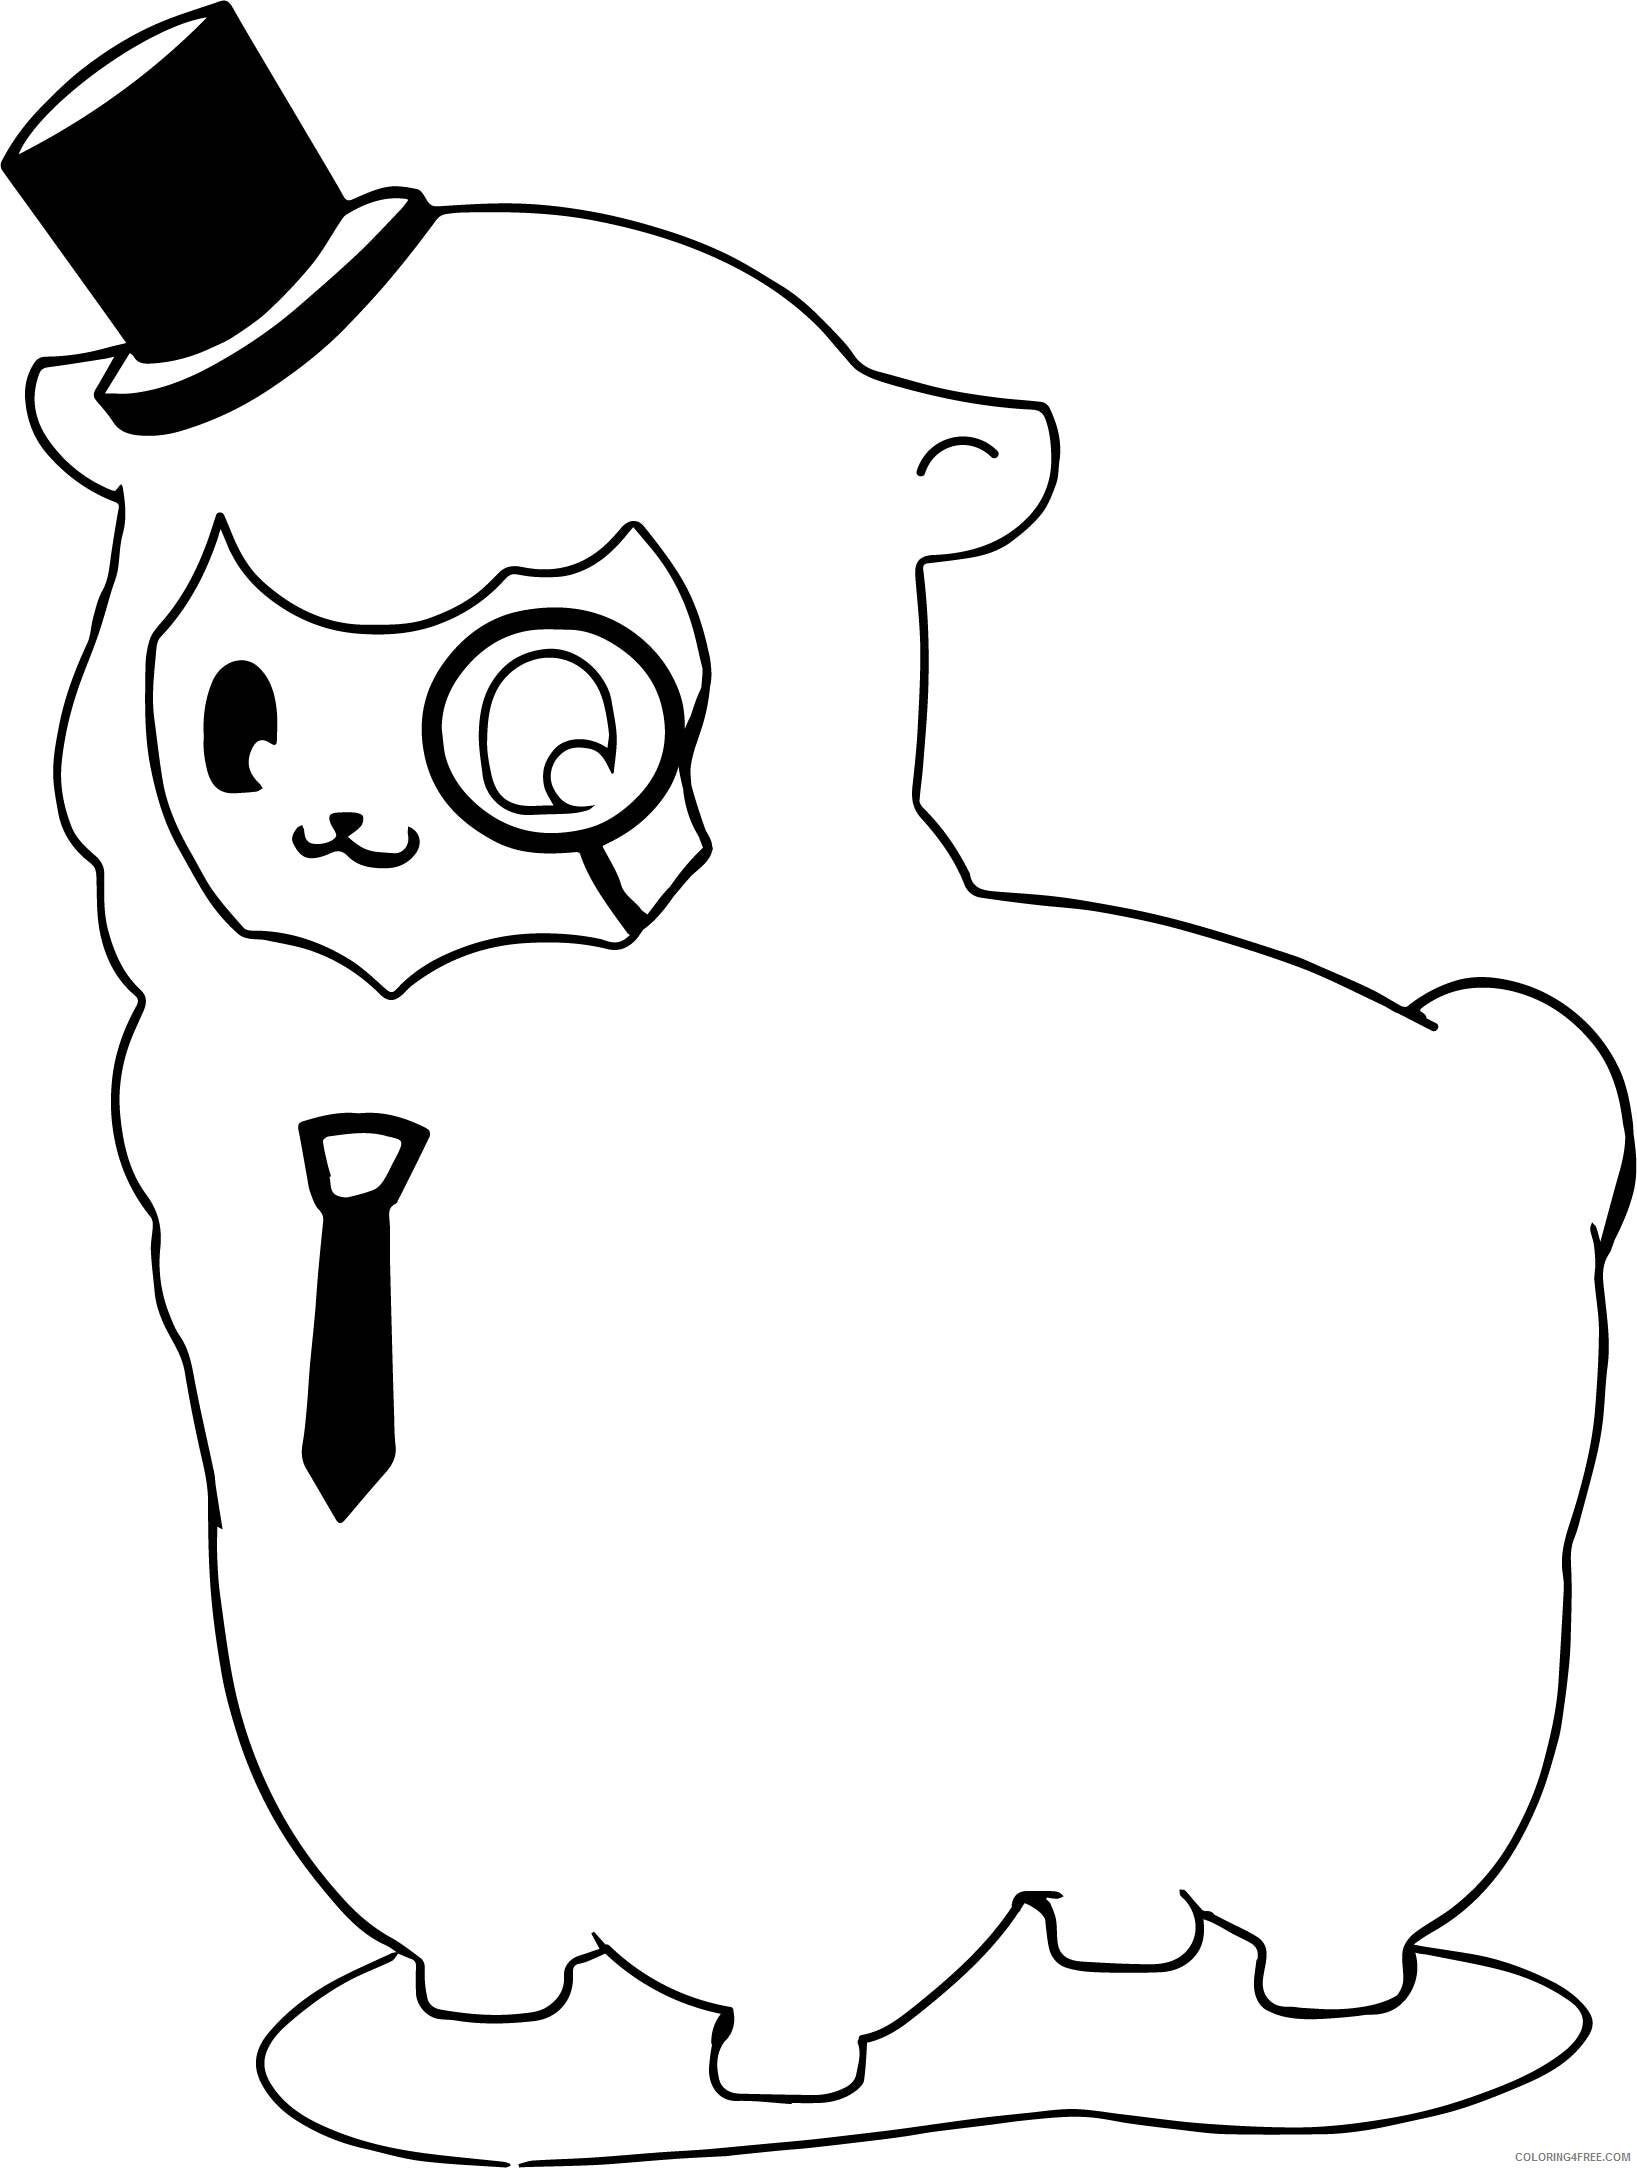 Llama Coloring Pages Animal Printable Sheets Funny Llama 2021 3229 Coloring4free